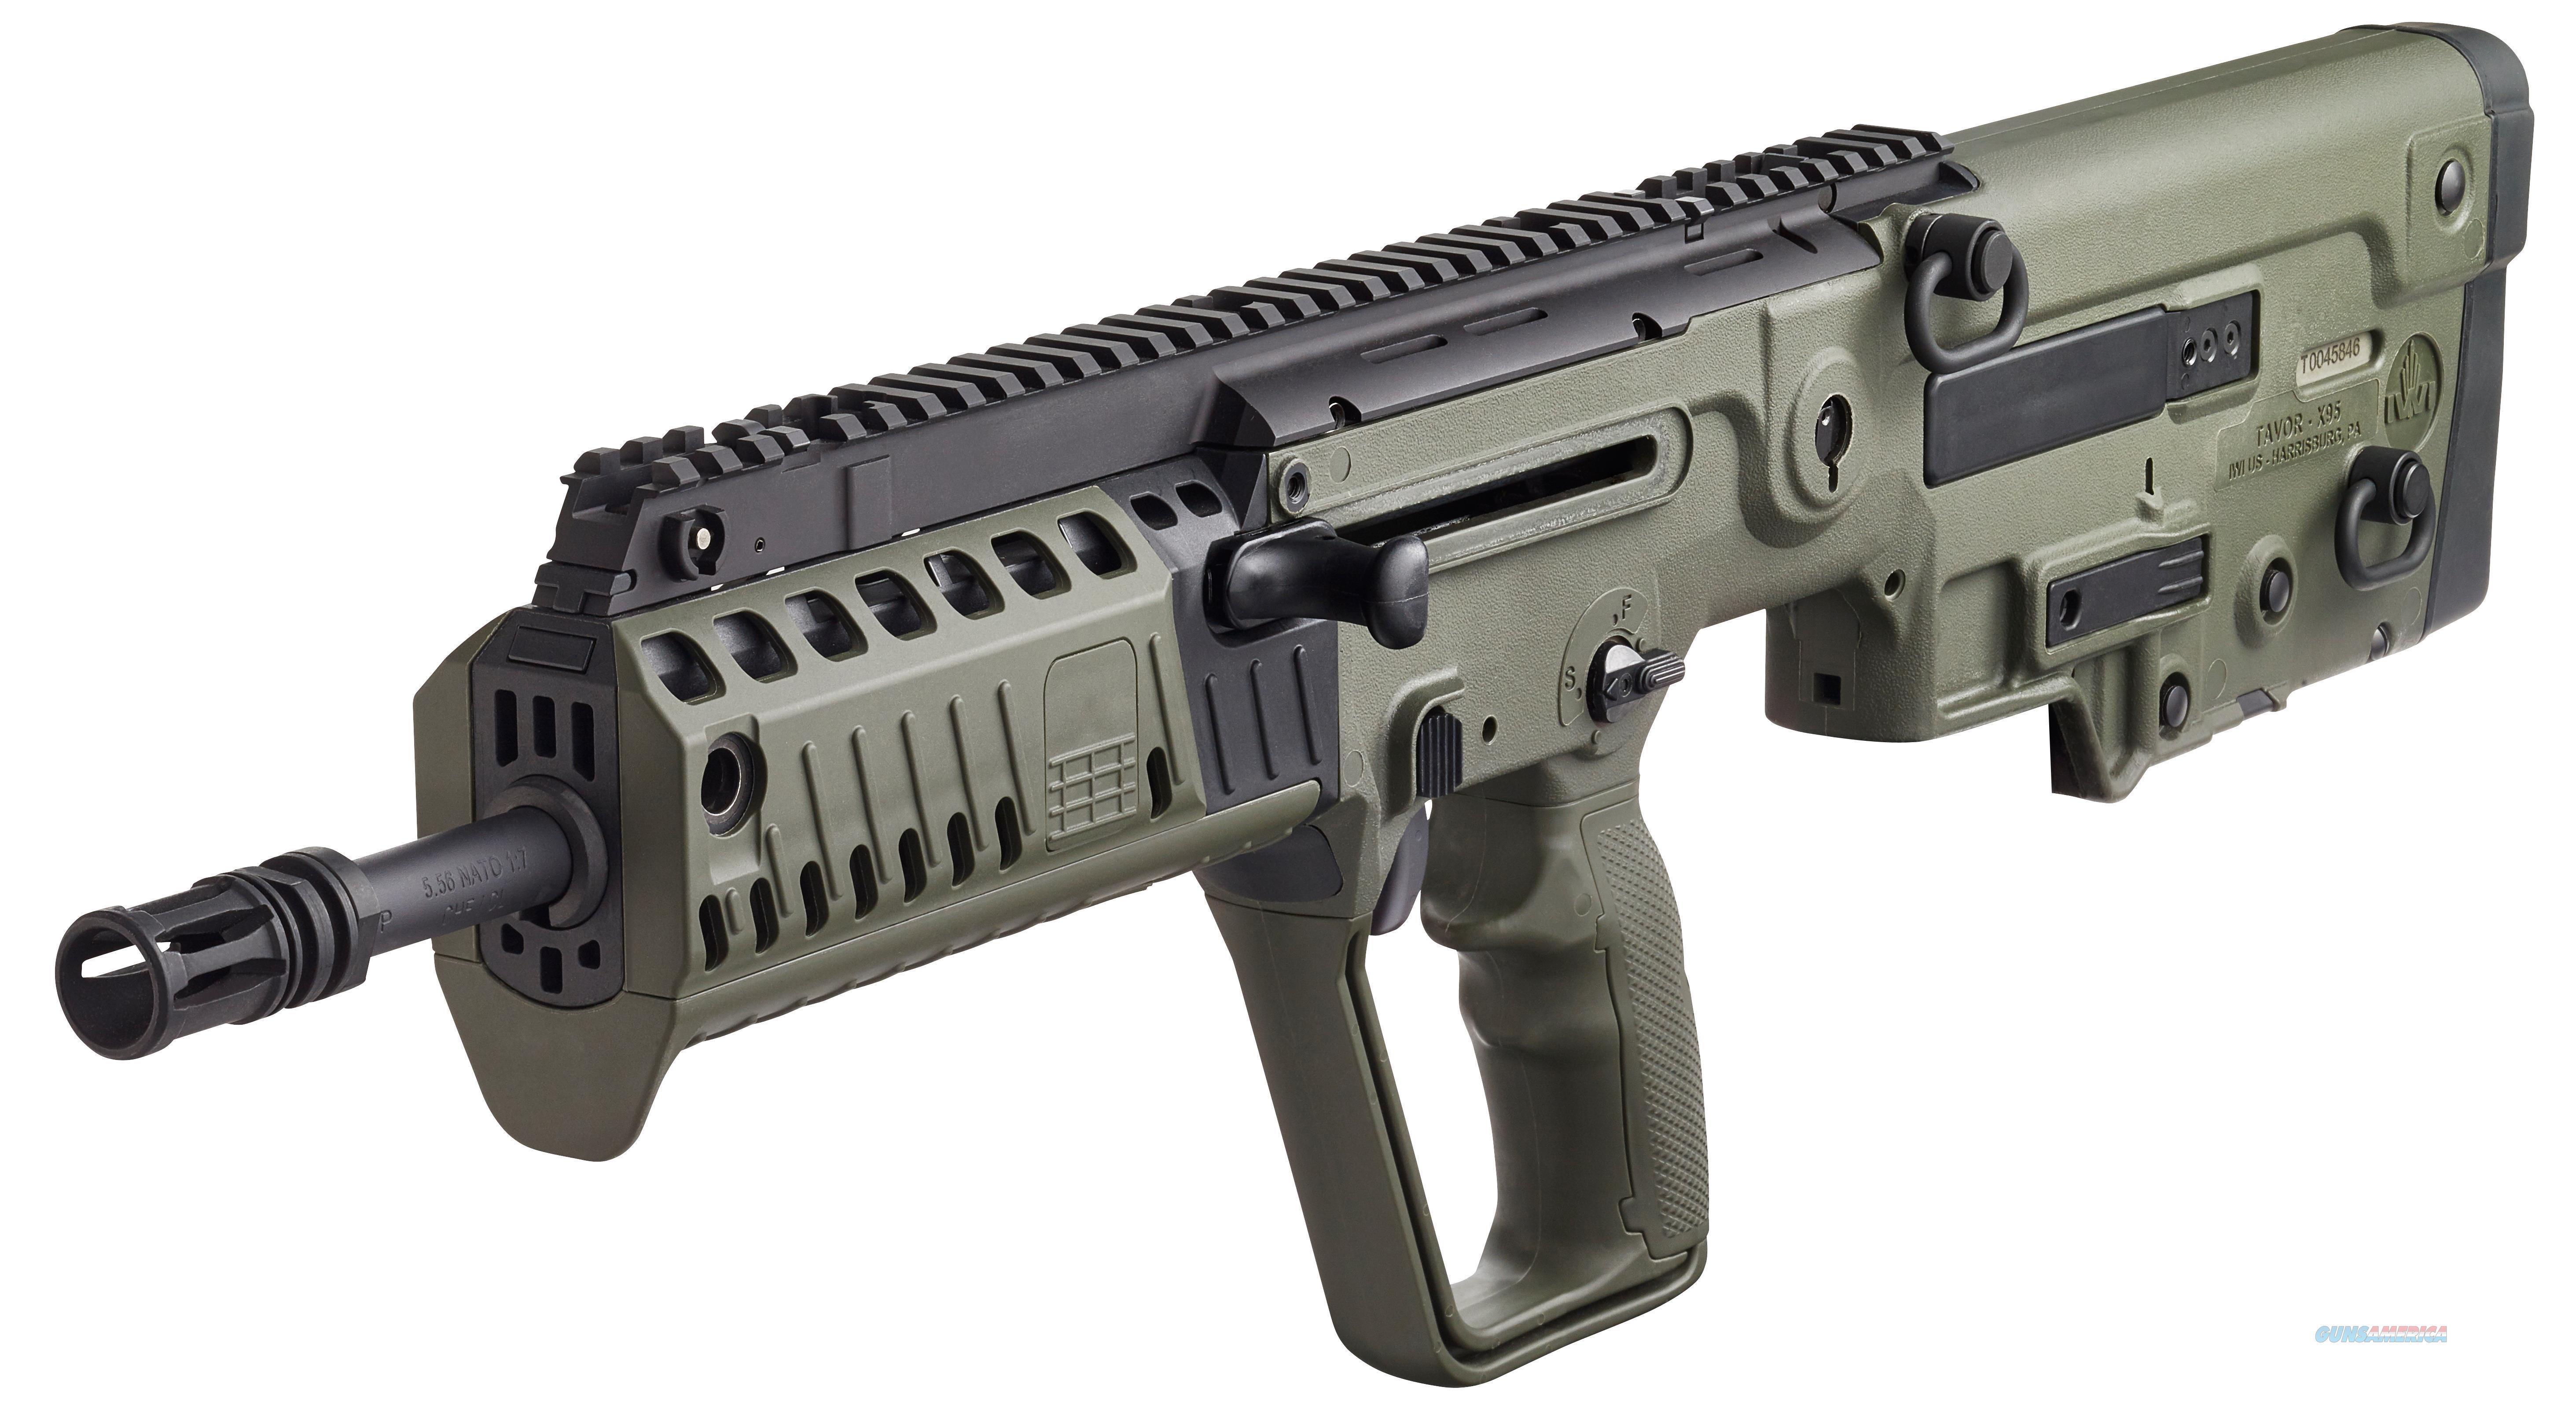 """Iwi Us Xg16 Tavor X95 Semi-Automatic 223 Remington/5.56 Nato 16.5"""" 30+1 Polymer Od Green Stk Black XG16  Guns > Rifles > IJ Misc Rifles"""